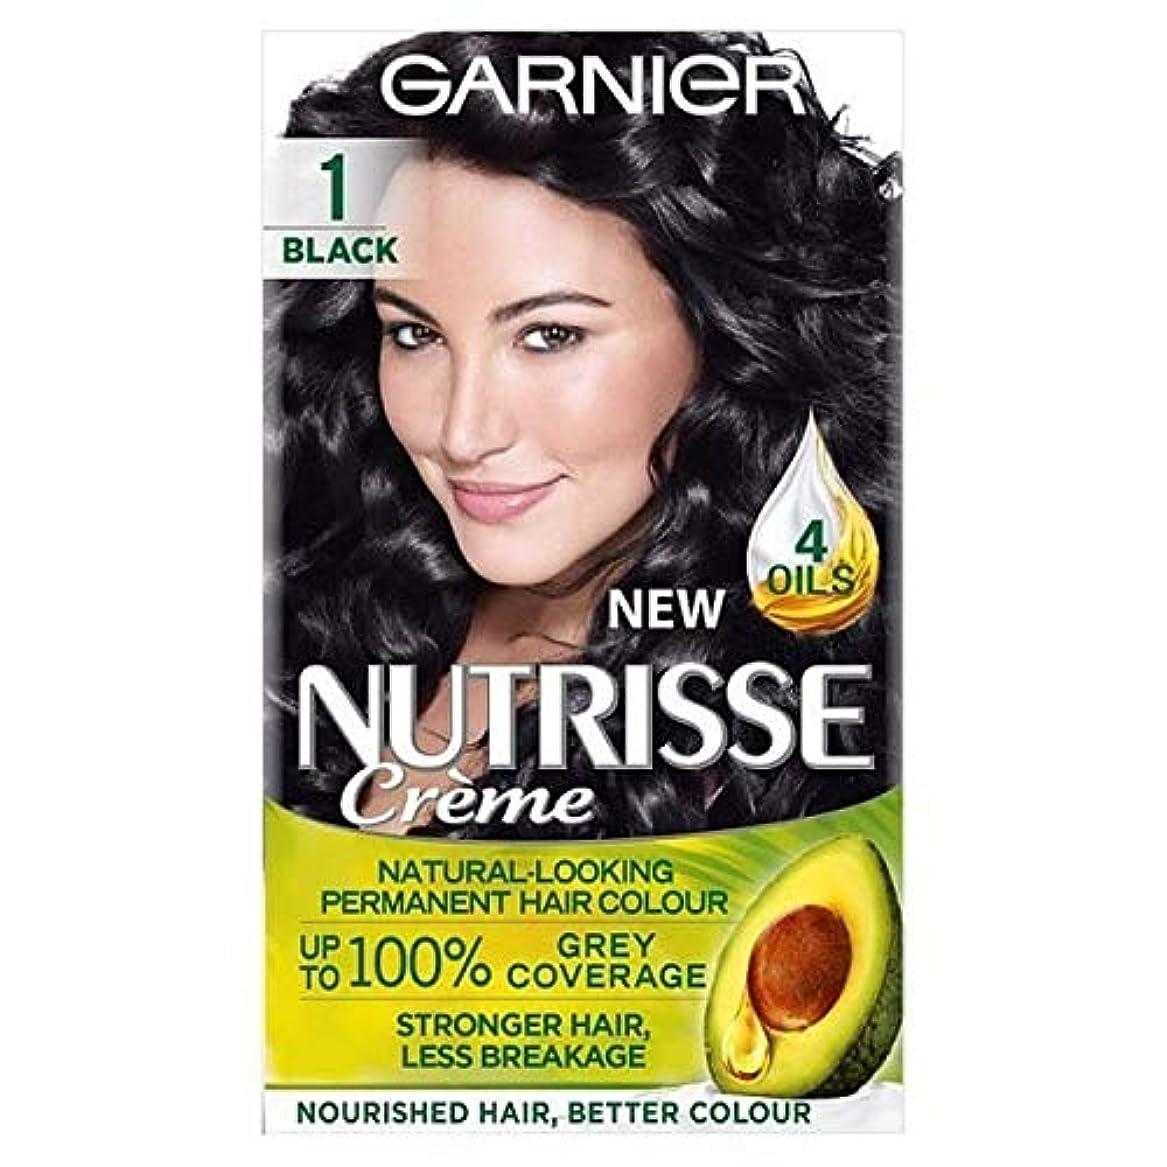 ハブブ冒険家素晴らしいです[Garnier ] ガルニエNutrisse永久的な毛染料ブラック1 - Garnier Nutrisse Permanent Hair Dye Black 1 [並行輸入品]